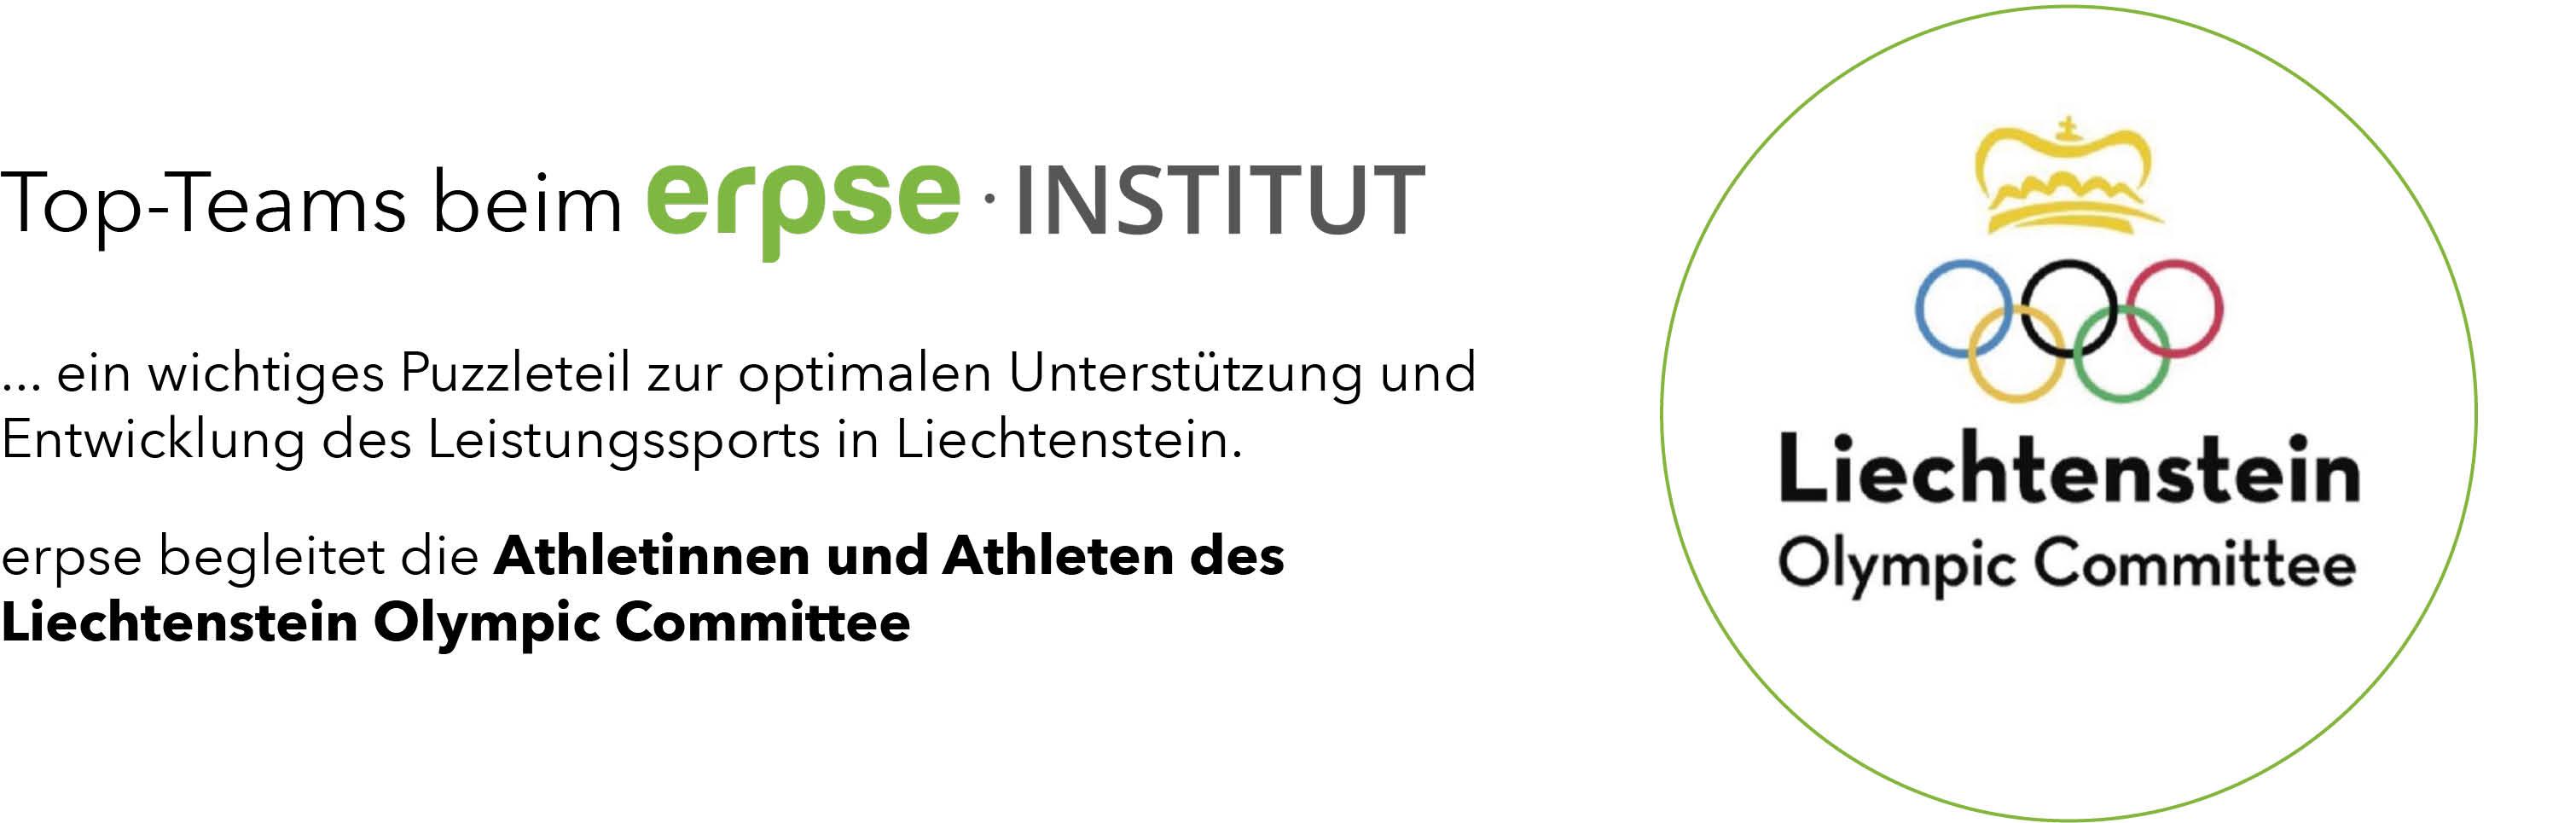 RZ-Website-Slider Referenz Liechtenstein